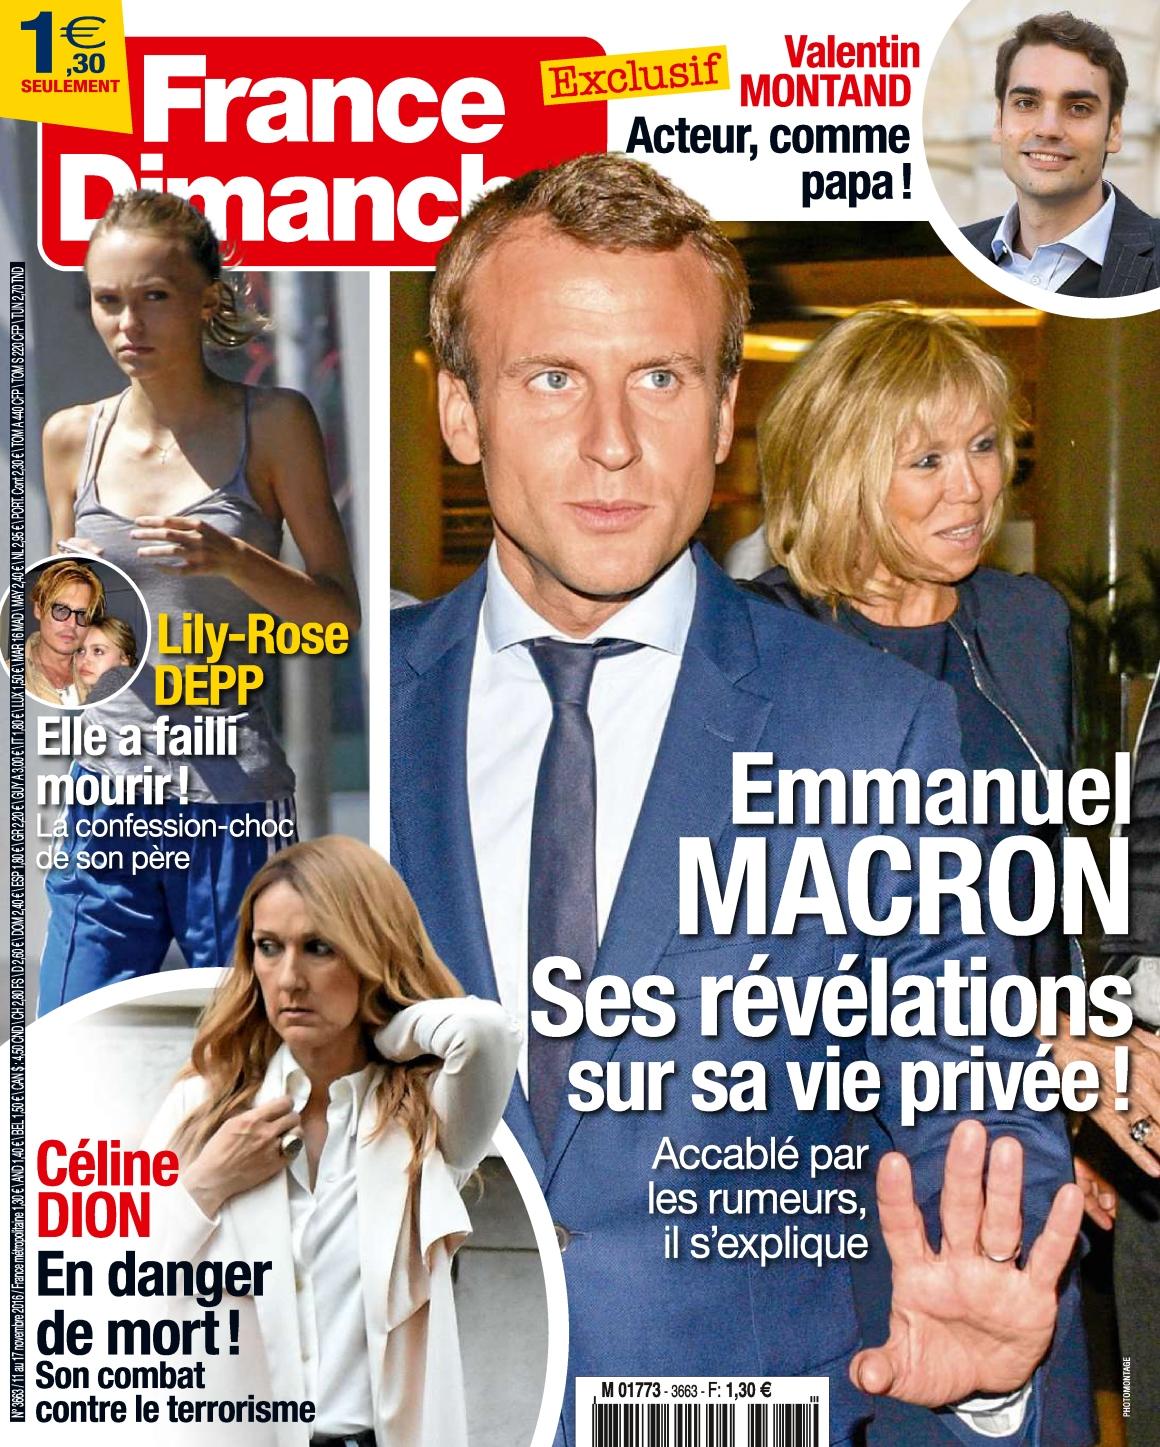 France Dimanche 3663 - 11 au 17 Novembre 2016